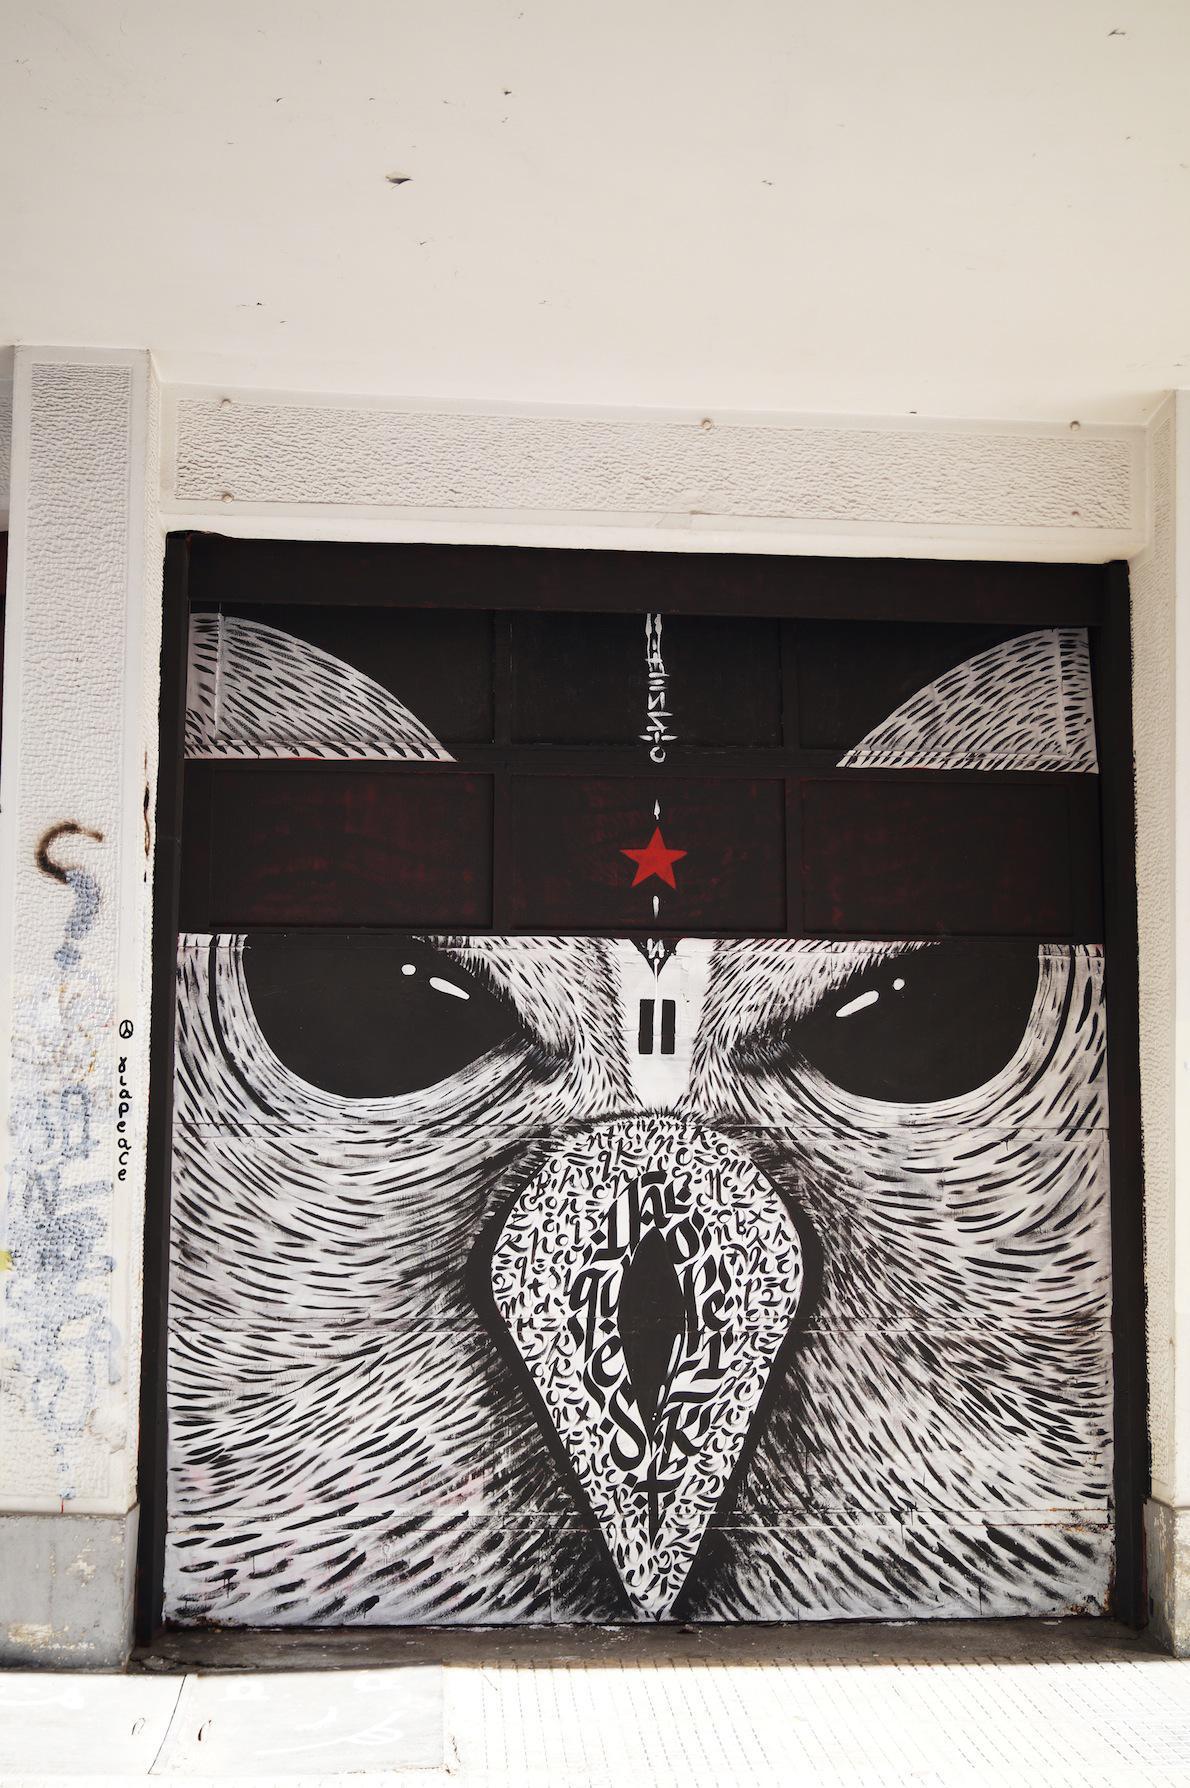 Ψυρρή. Artist: moka. greg papagrigoriou. Έργο του graphic designer greg pagrigoriou. Πλαστικο χρώμα